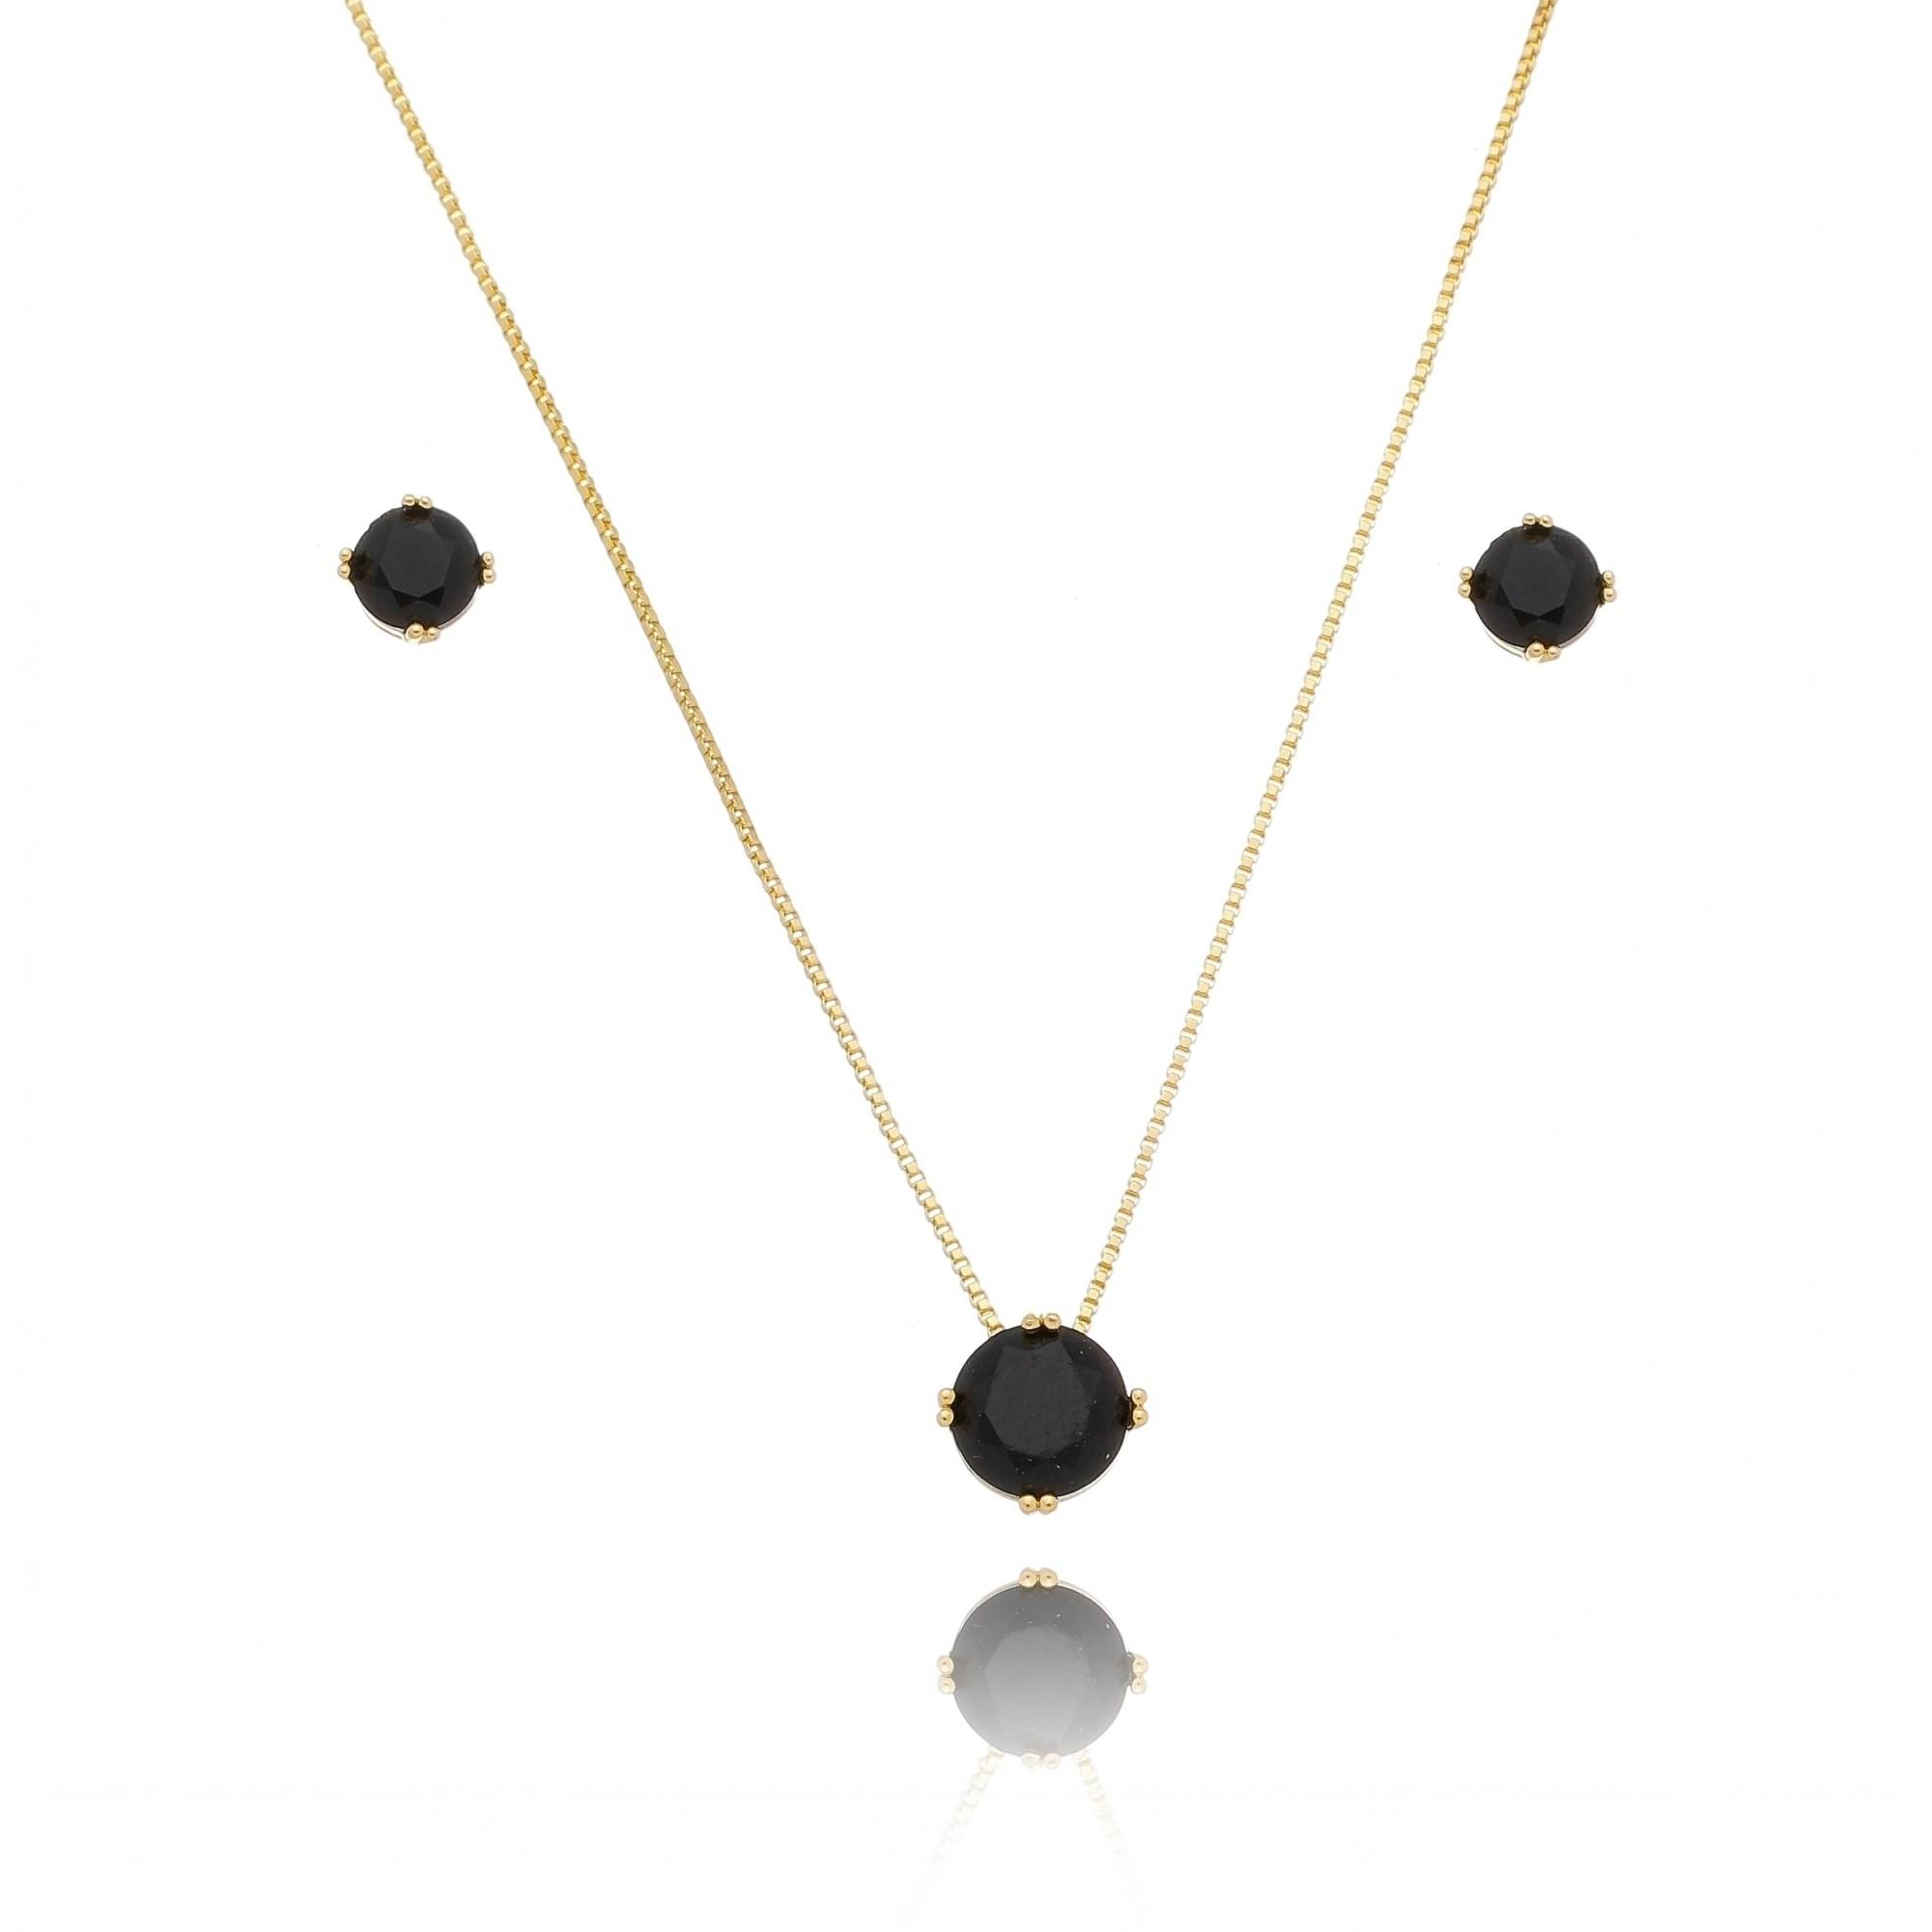 Conjunto de Colar e Brincos com Pedra em Cristal Preto Folheado em Ouro 18k - Giro Semijoias